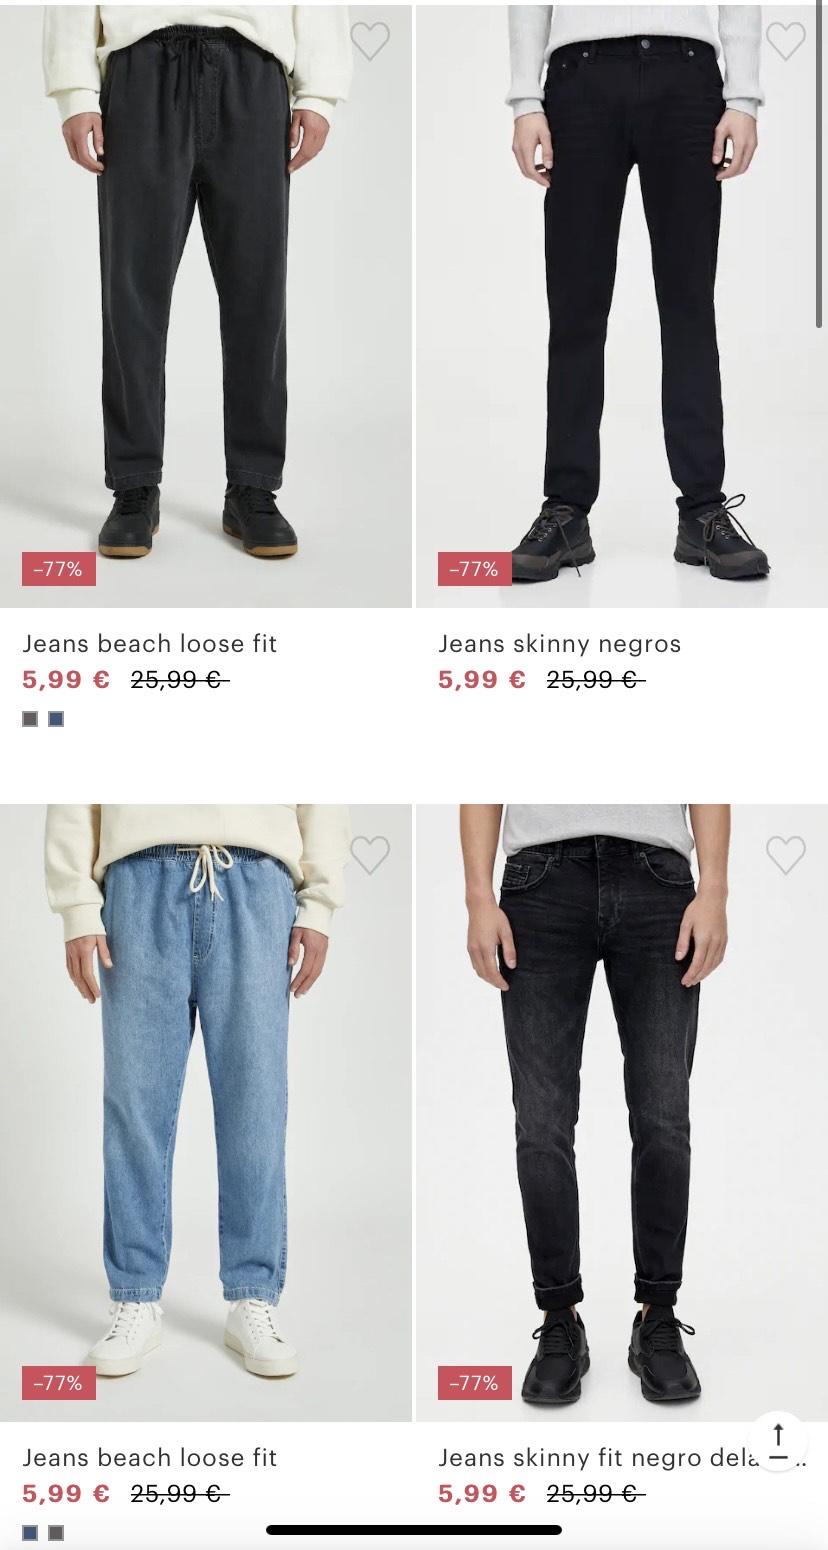 Pantalones hombre 5,99€